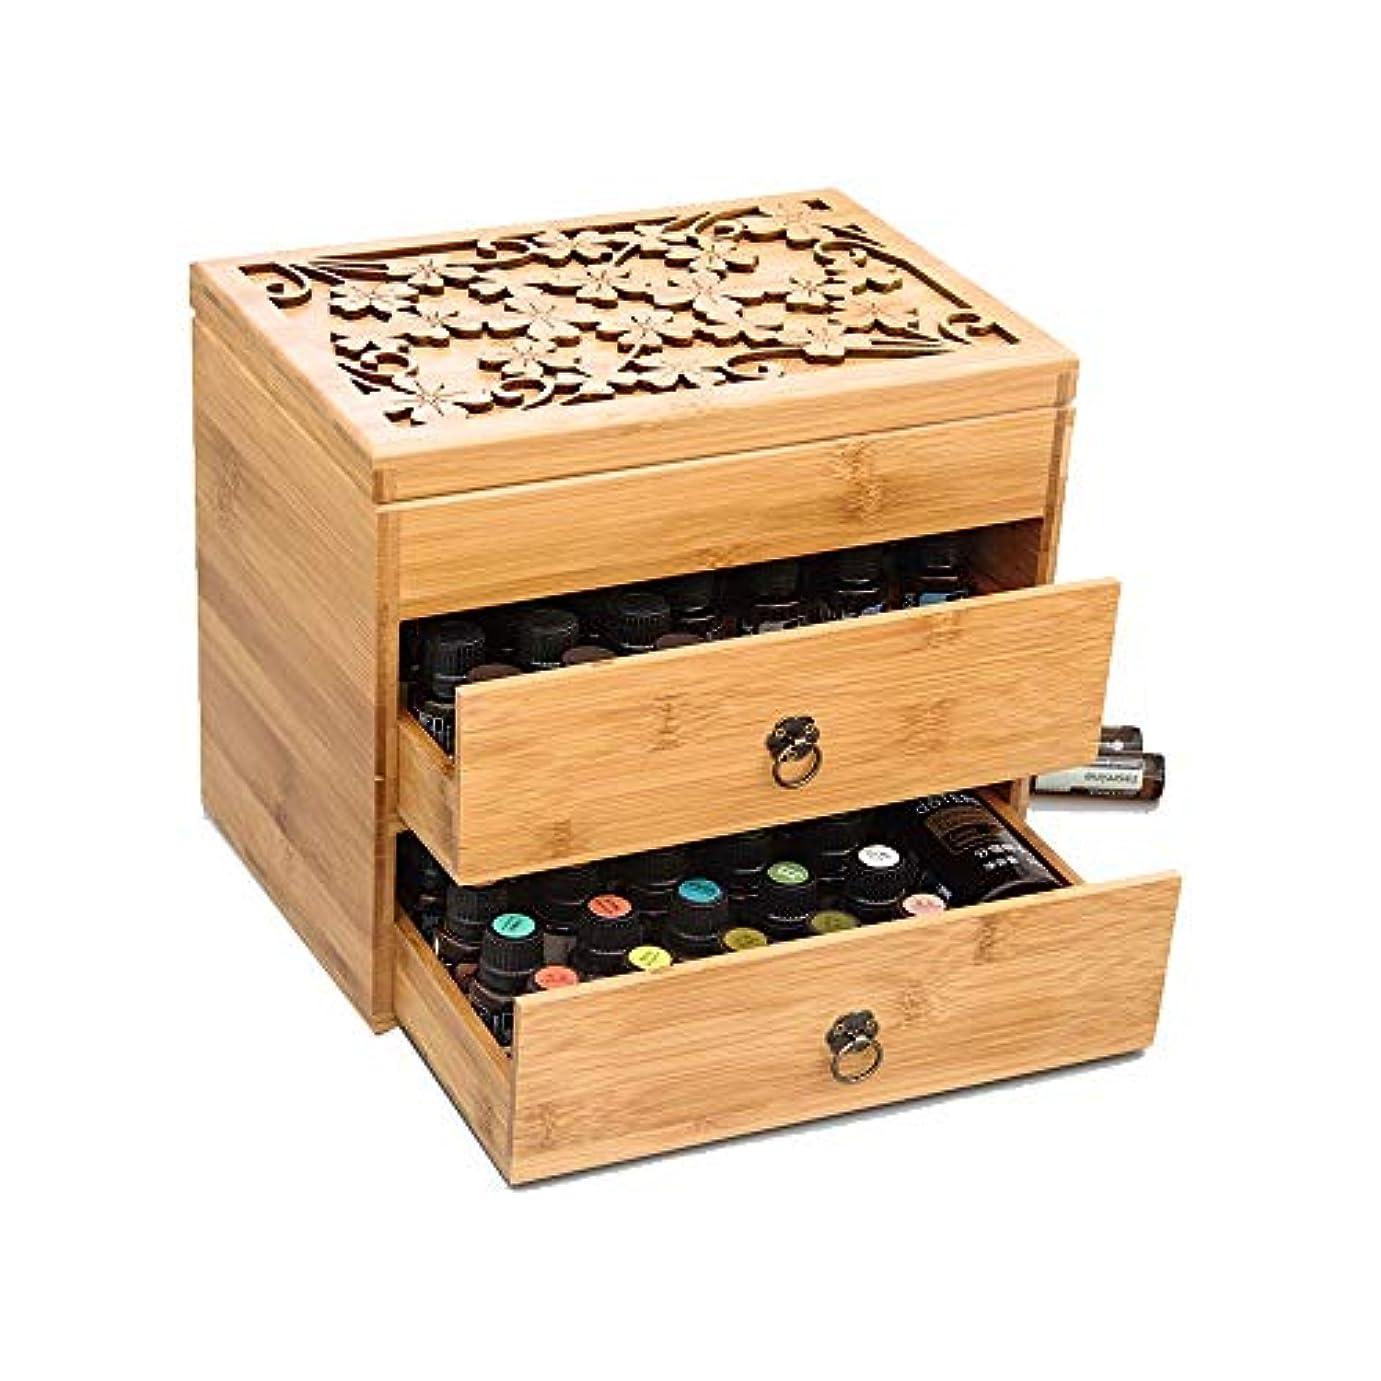 精油ケース 3ティアエッセンシャルオイルボックスケースは、エレガントな装飾的なデザインでは5、10&15ミリリットルボトル木製収納を保護します 携帯便利 (色 : Natural, サイズ : 26X18X24.5CM)